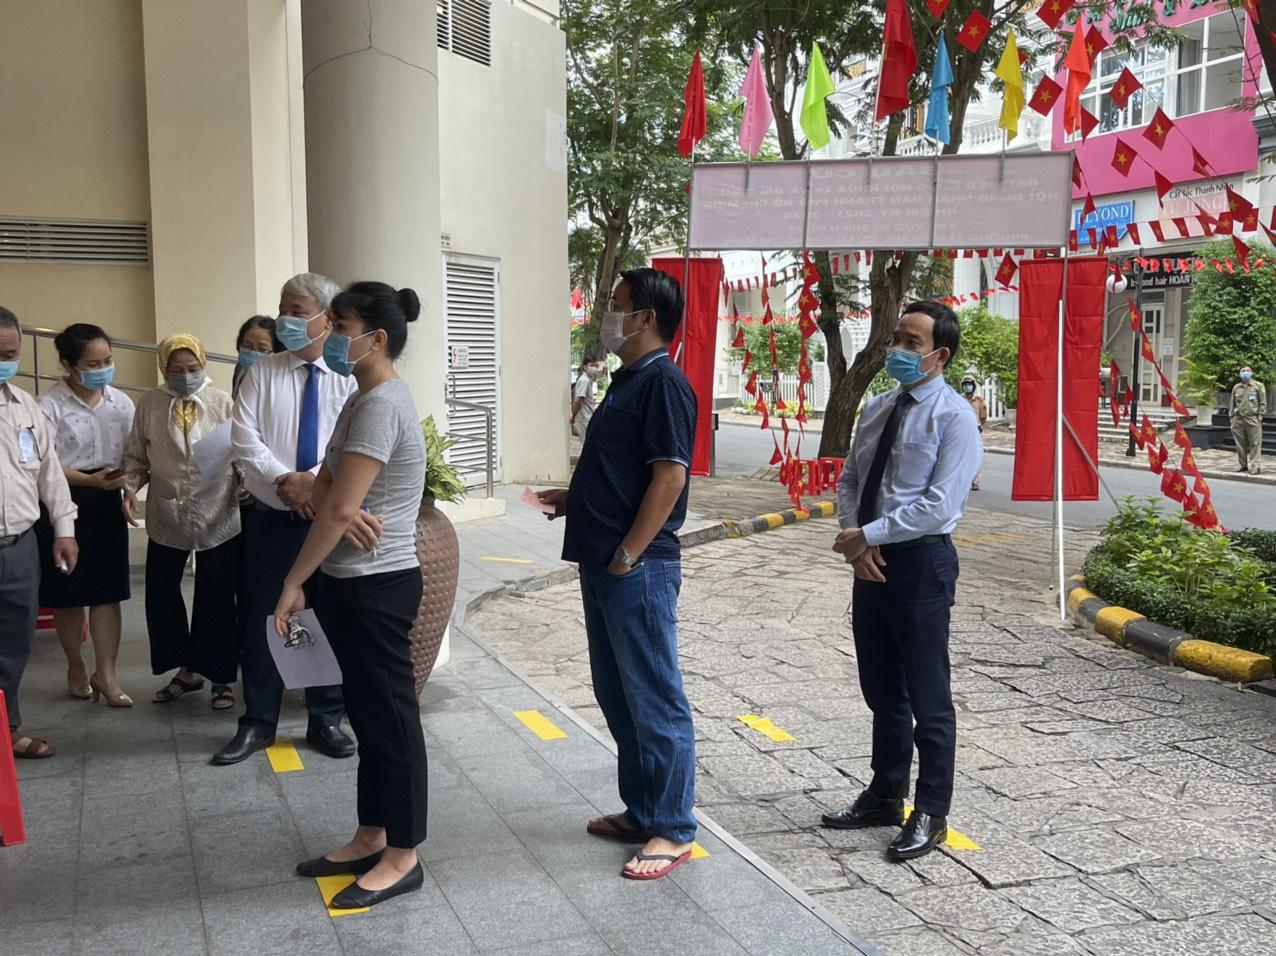 Tại điểm bỏ phiếu số 59, phường Tân Phong, quận 7, Bí thư Thành ủy Hải Phòng cũng có mặt rất sớm, xếp hàng vào bỏ phiếu